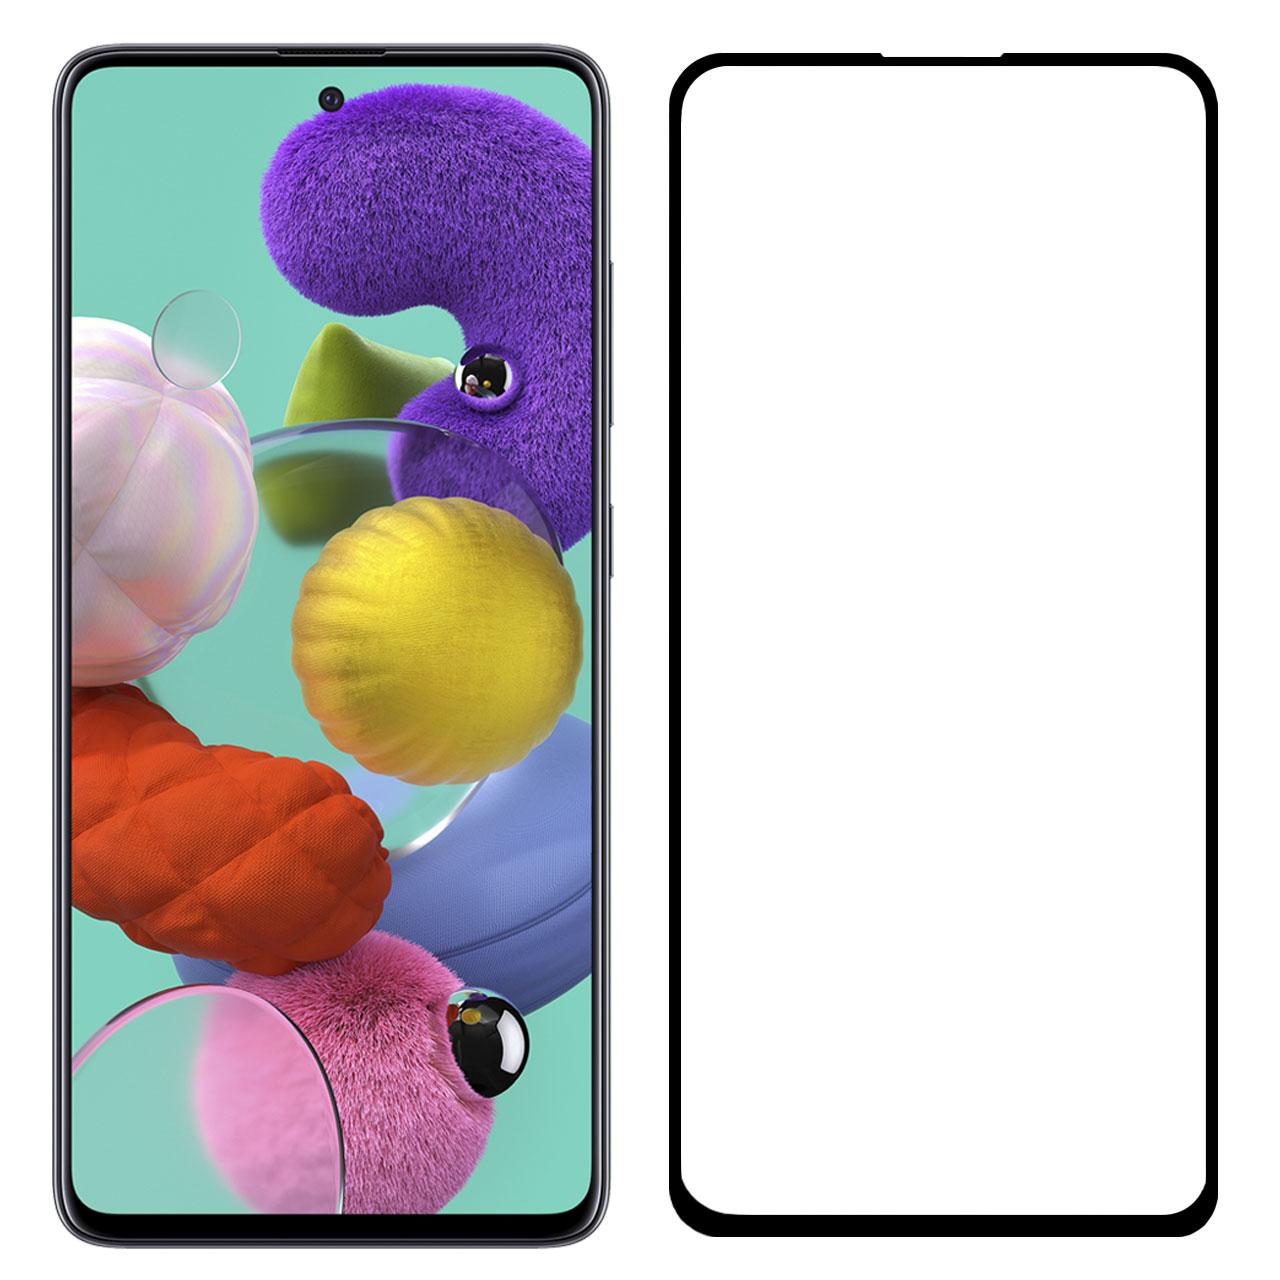 محافظ صفحه نمایش مدل FCG مناسب برای گوشی موبایل سامسونگ Galaxy A51